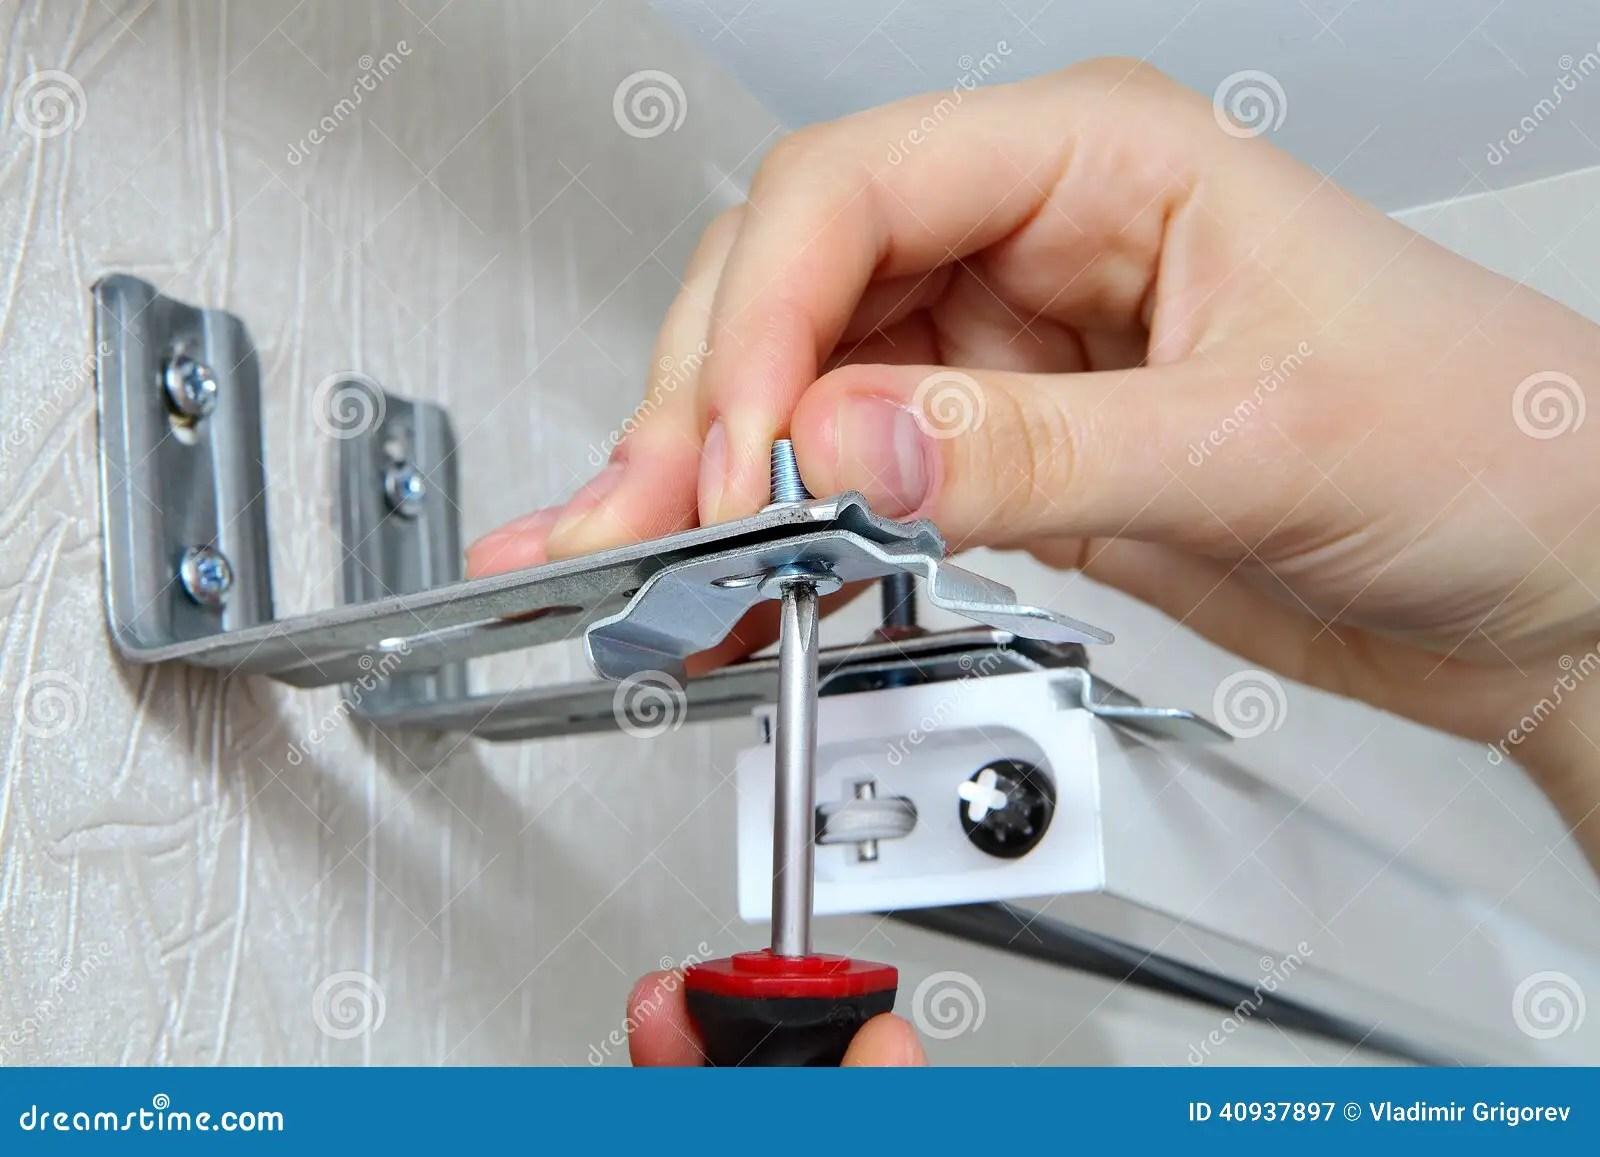 Door Blind Brackets Amp Image Titled Install Wood Blinds Step 15